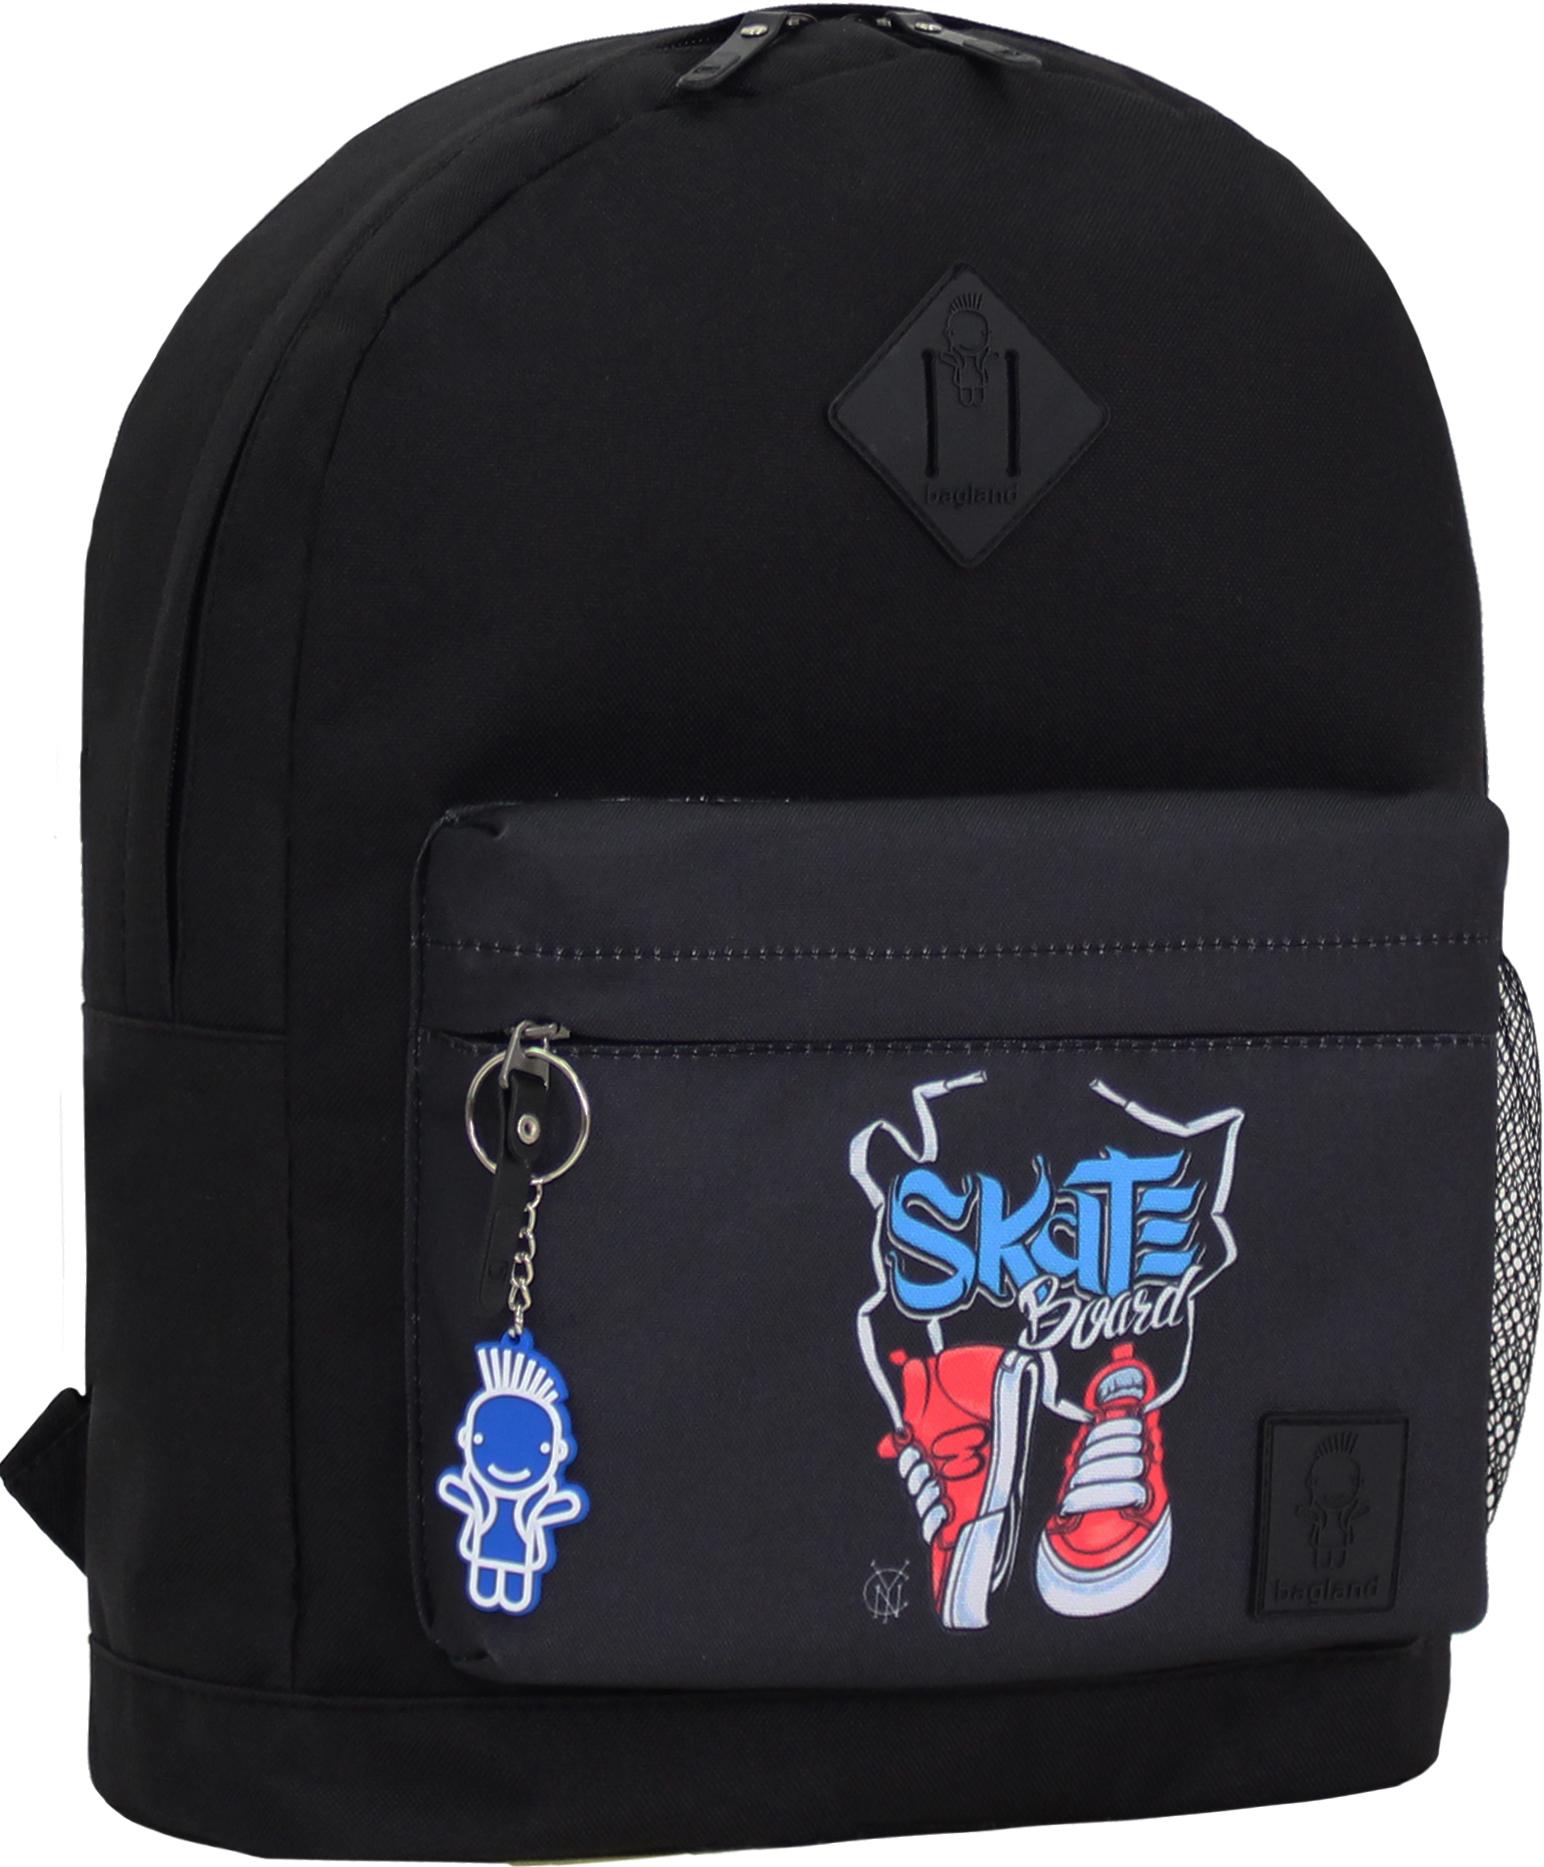 Городские рюкзаки Рюкзак Bagland Молодежный W/R 17 л. черный 201к (00533662) IMG_0972_201к.JPG